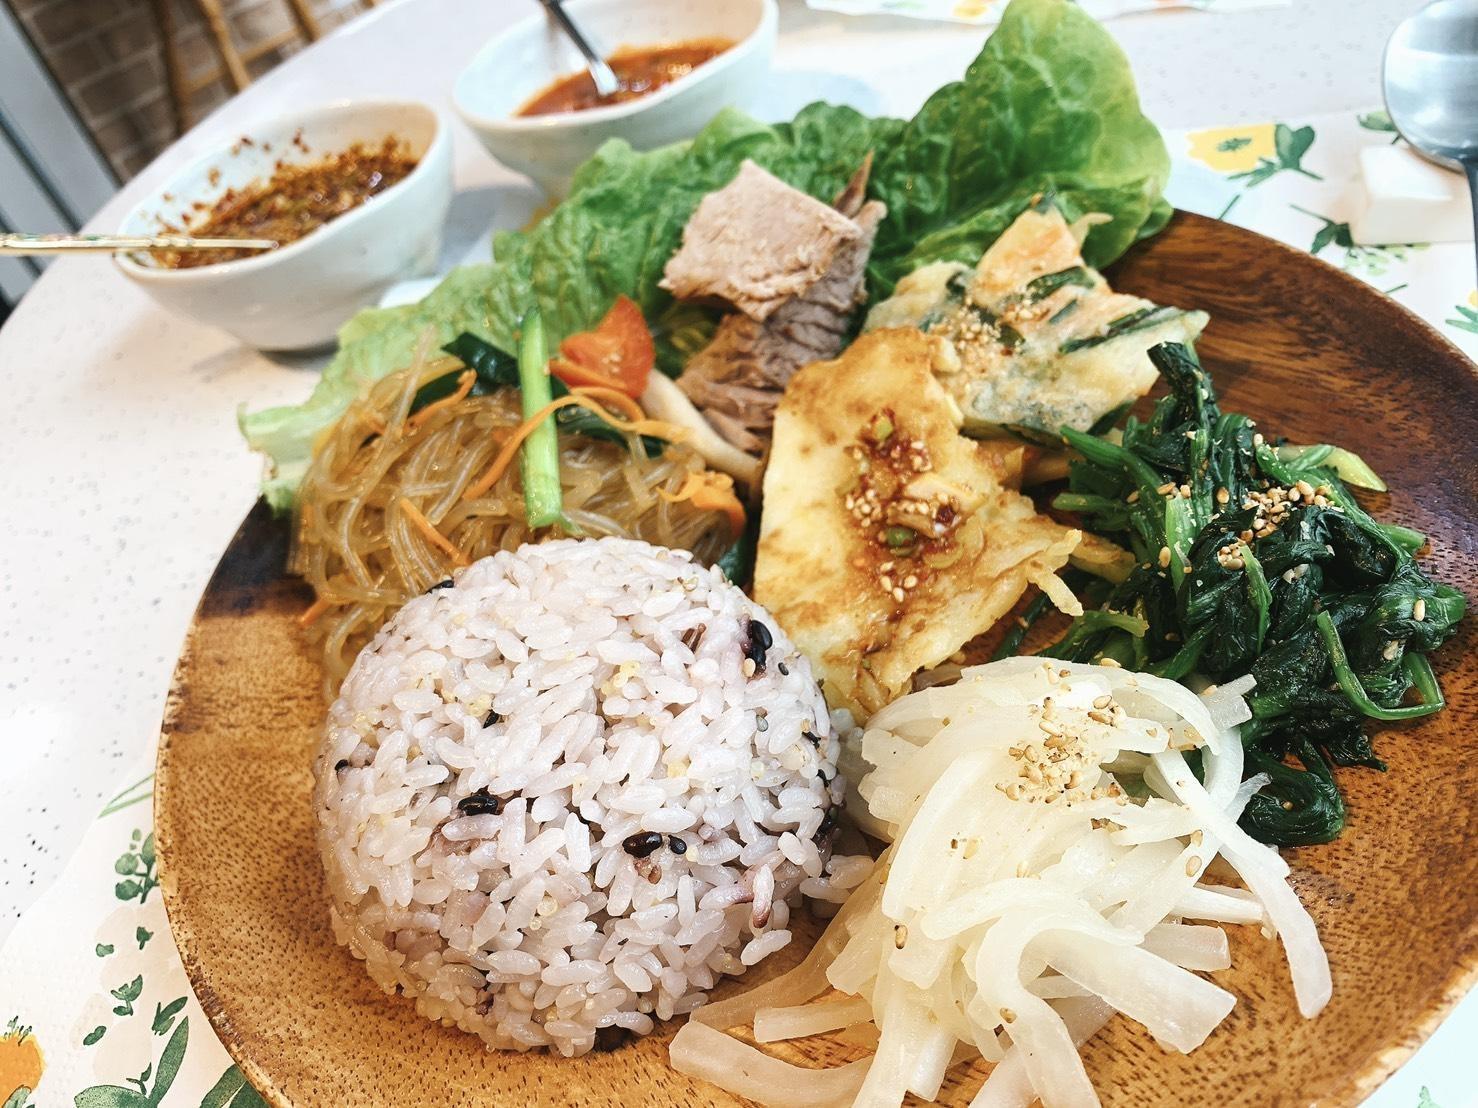 この日のカフェメニューはチヂミをメインとした韓国料理のワンプレートランチ。野菜をたっぷり使った手作り料理もサララの魅力のひとつ!